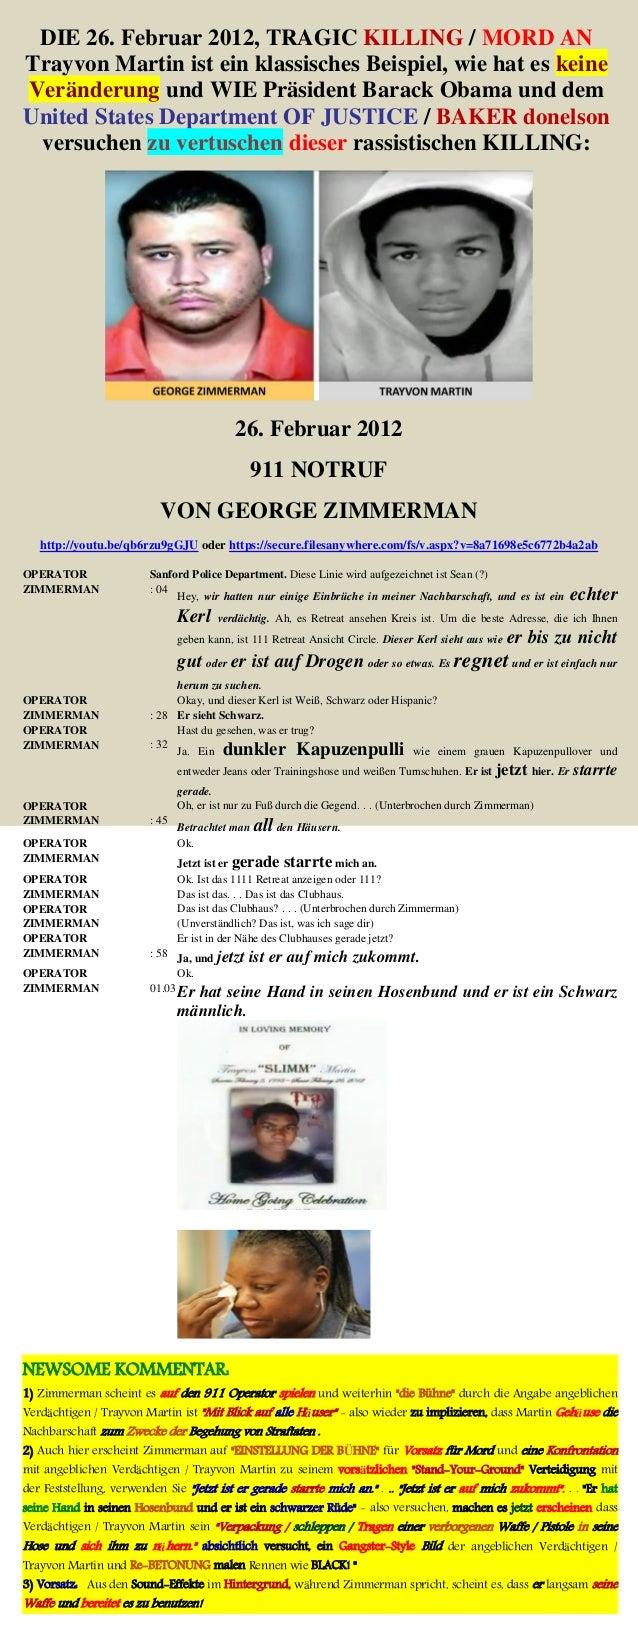 DIE 26. Februar 2012, TRAGIC KILLING / MORD AN Trayvon Martin ist ein klassisches Beispiel, wie hat es keine Veränderung u...